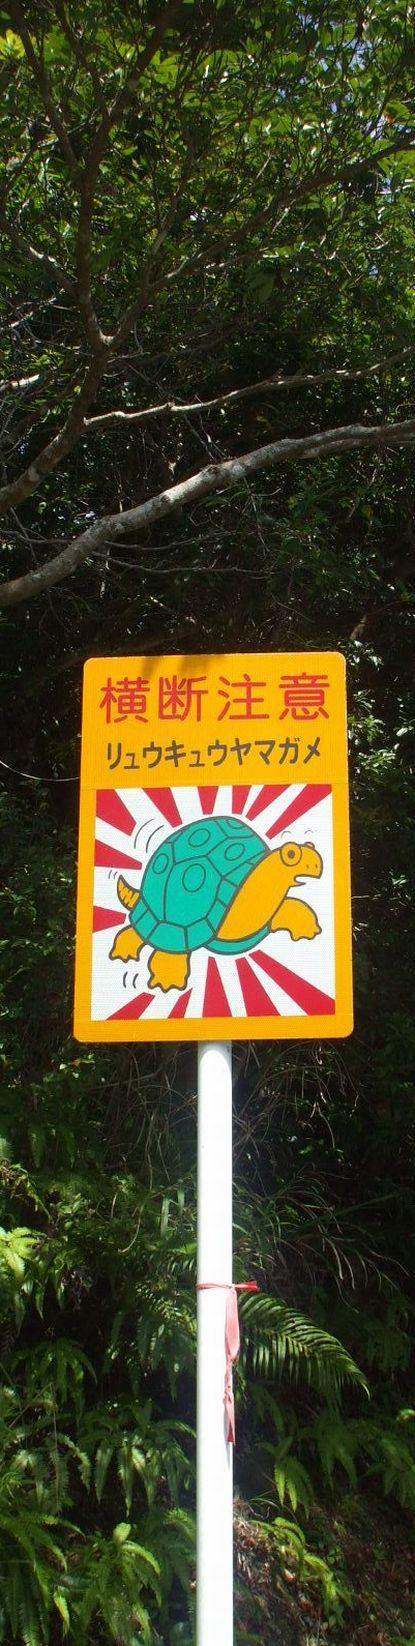 リュウキュウヤマガメの横断注意の看板標識.JPG